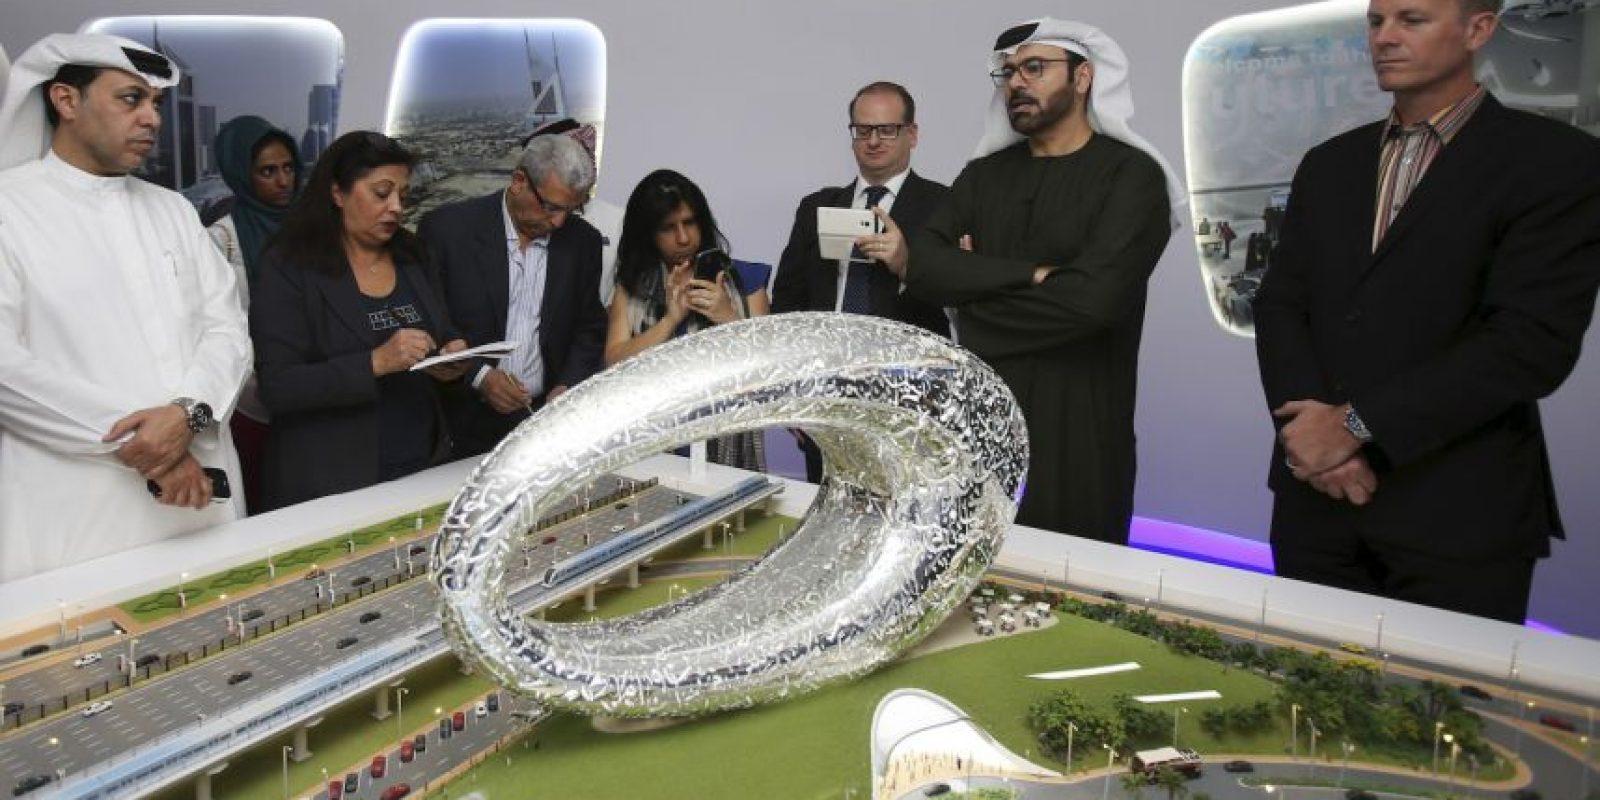 El gobierno esperan que el museo se convierta en un atractivo para los turistas y grupos escolares. Foto:AP